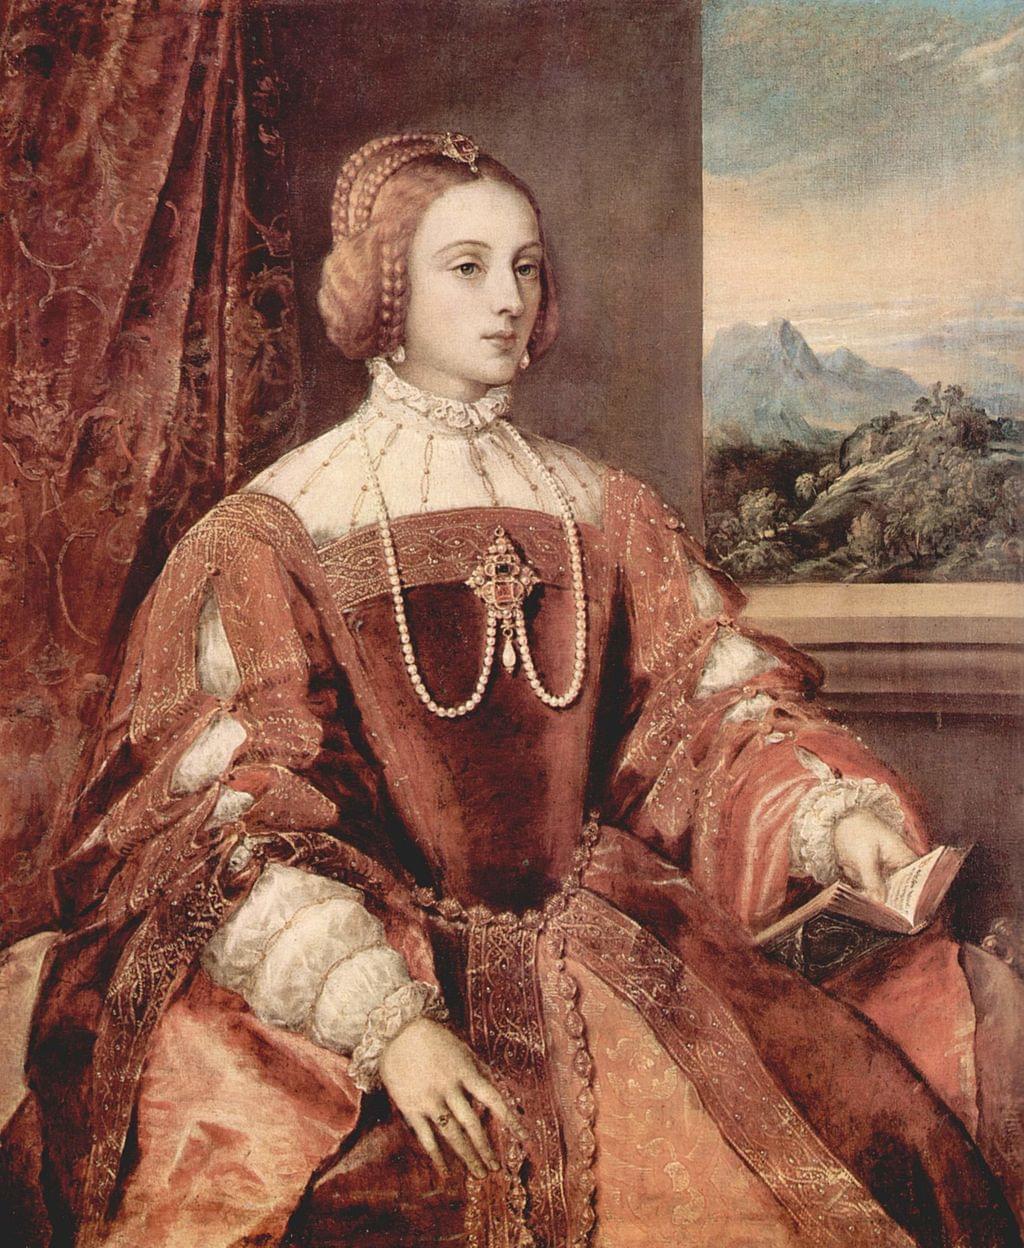 La reina Isabel de Portugal